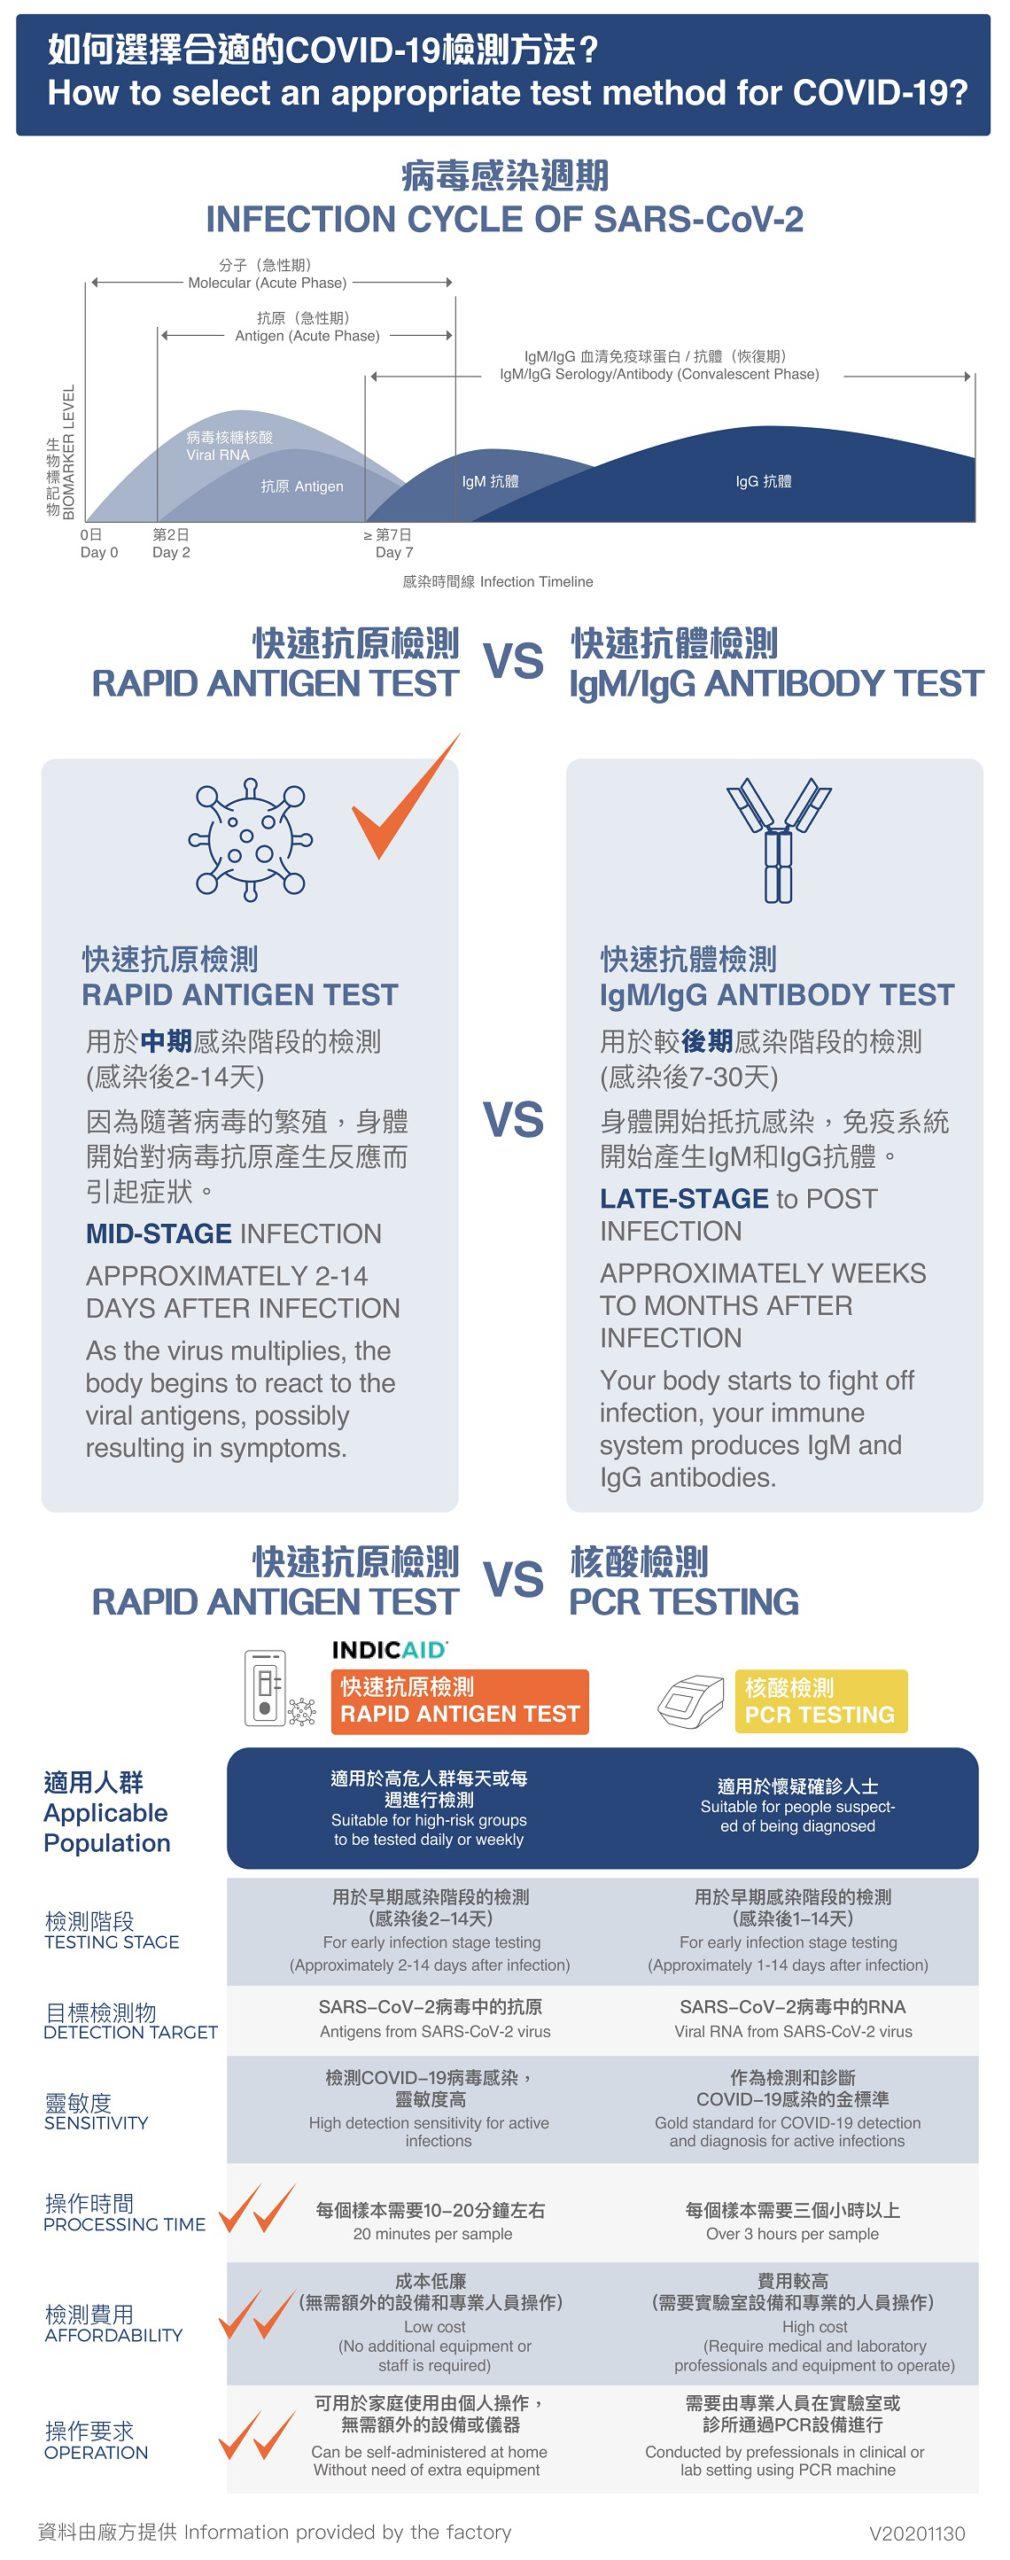 如何選擇合適的COVID-19檢測方法? 病毒感染週期 快速抗原檢測 RAPID ANTIGEN TEST vs 快速抗體檢測 IgM/IgG ANTIBODY TEST 用於中期感染階段的檢測 快速抗原檢測 vs 核酸檢測 適用人群   檢測階段   目標檢測物   靈敏度   操作時間   檢測費用   操作要求